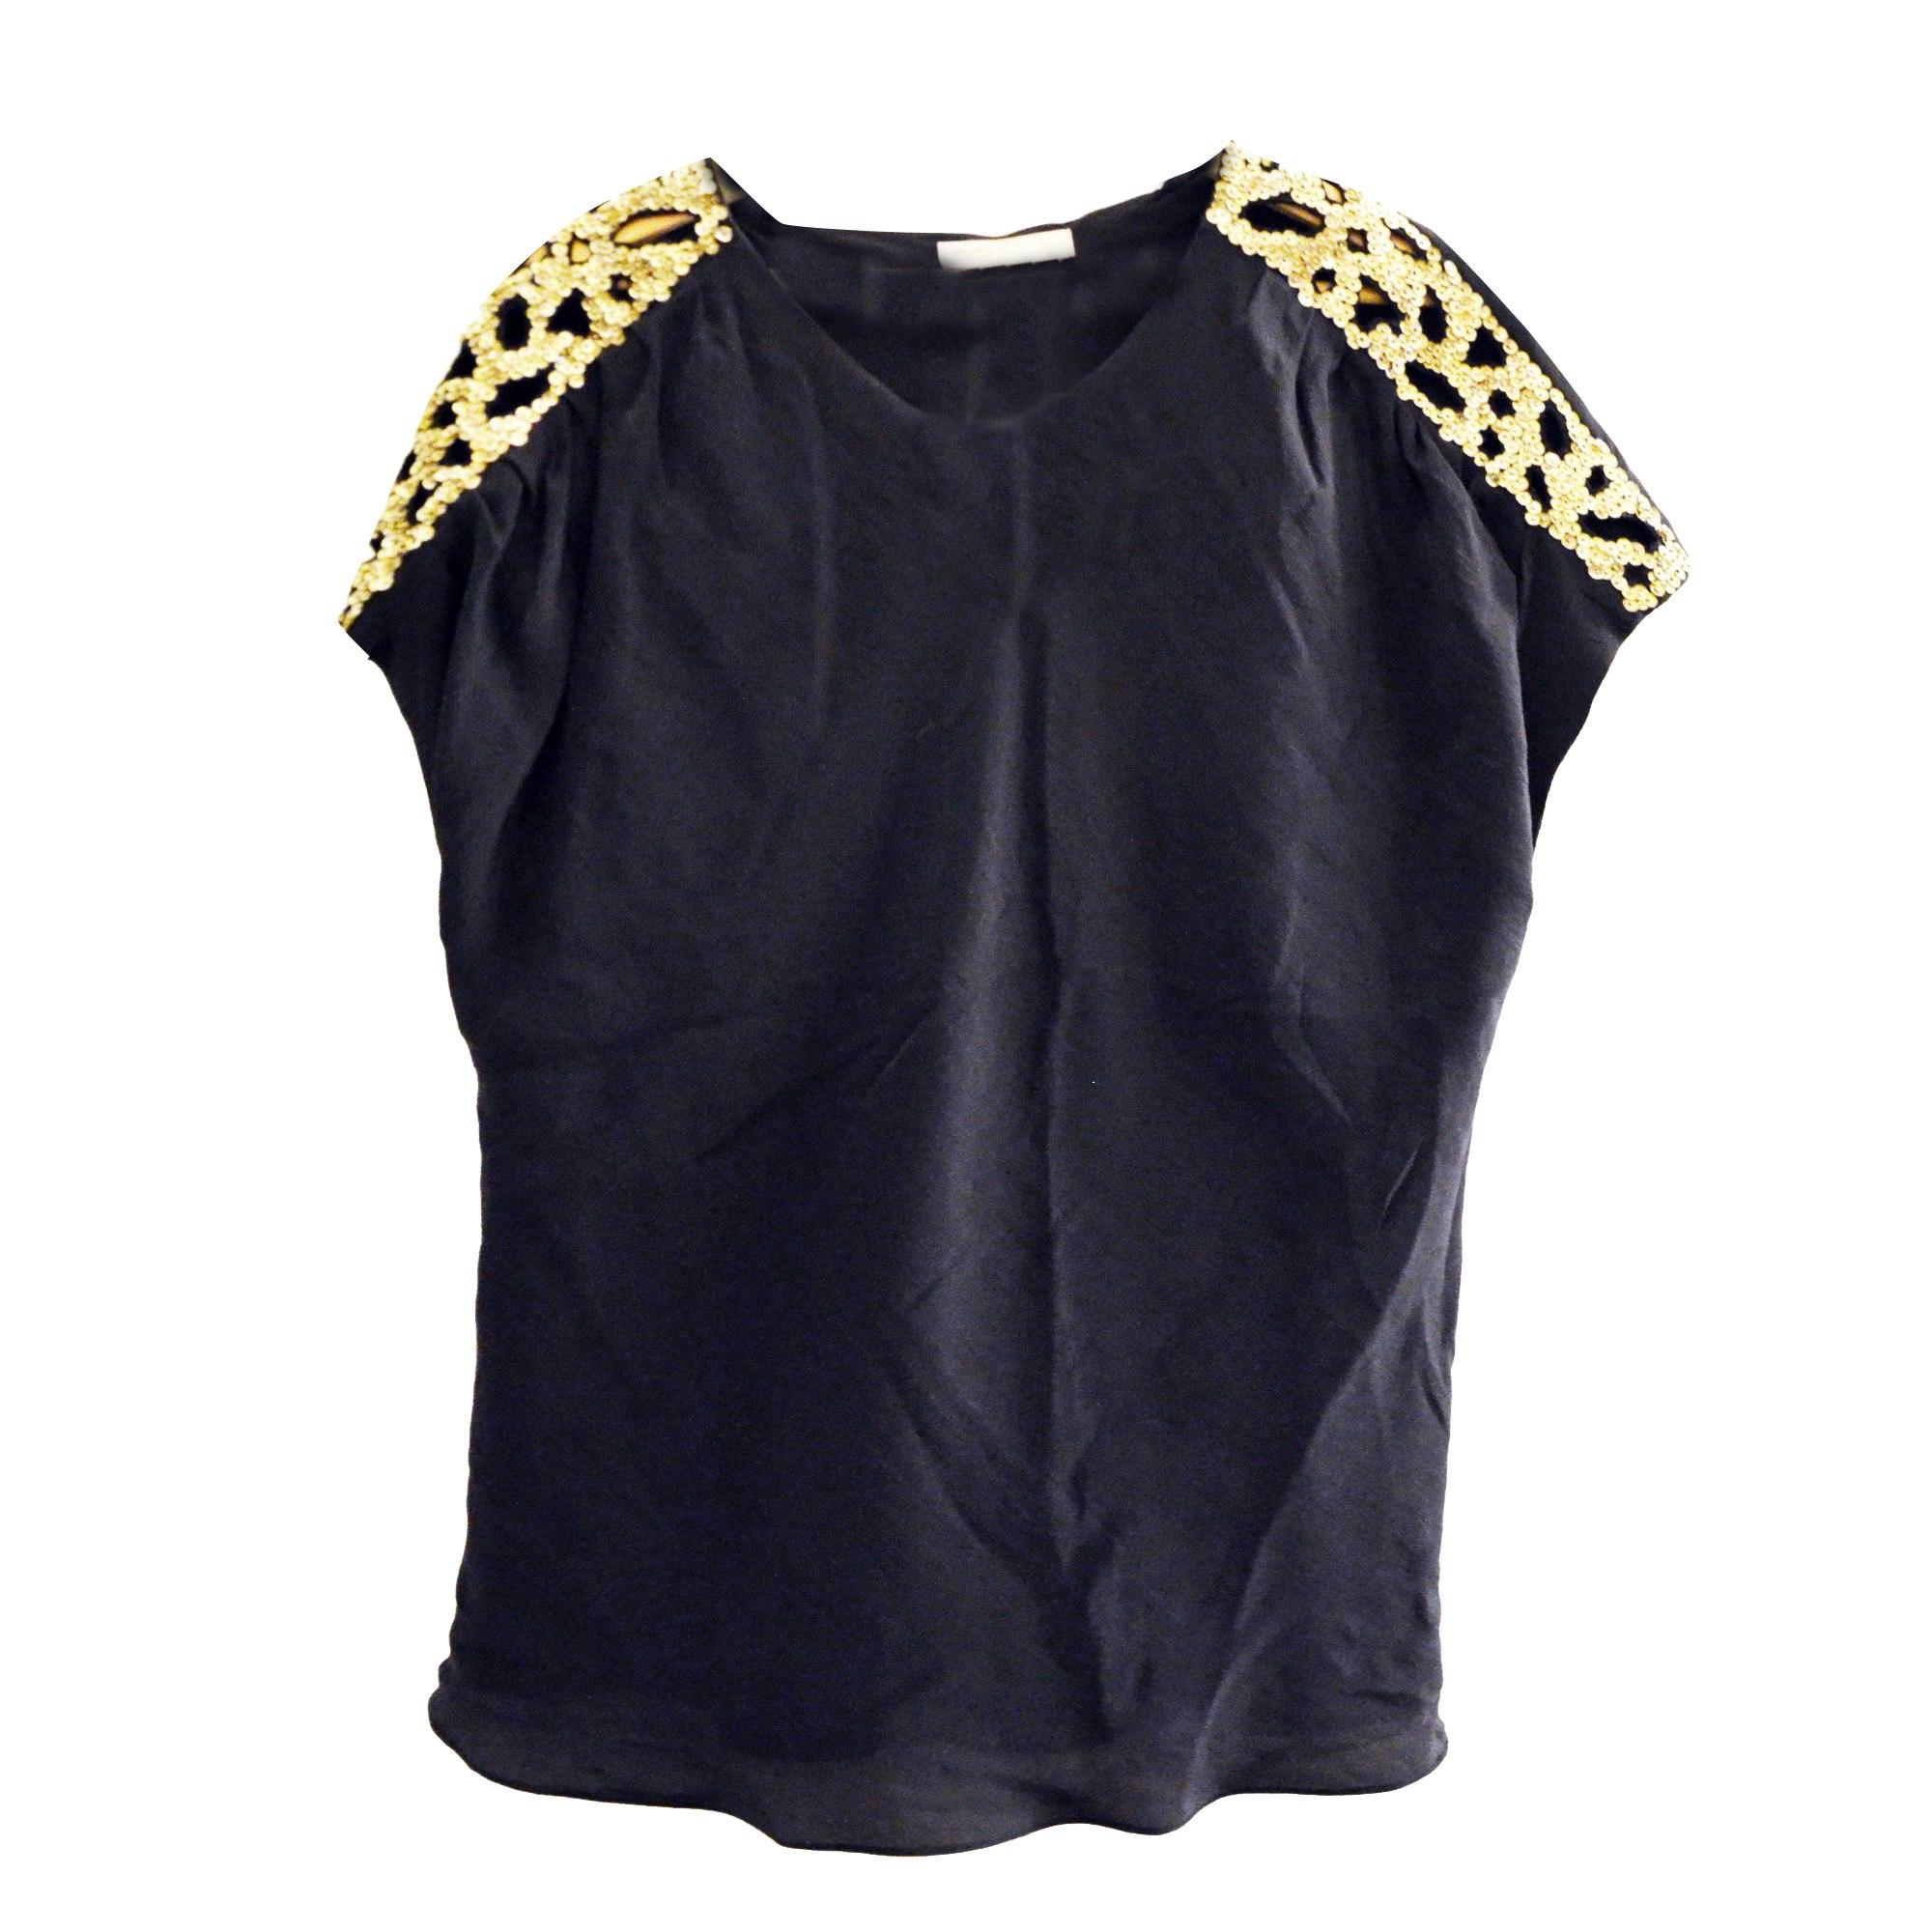 Top, tee shirt